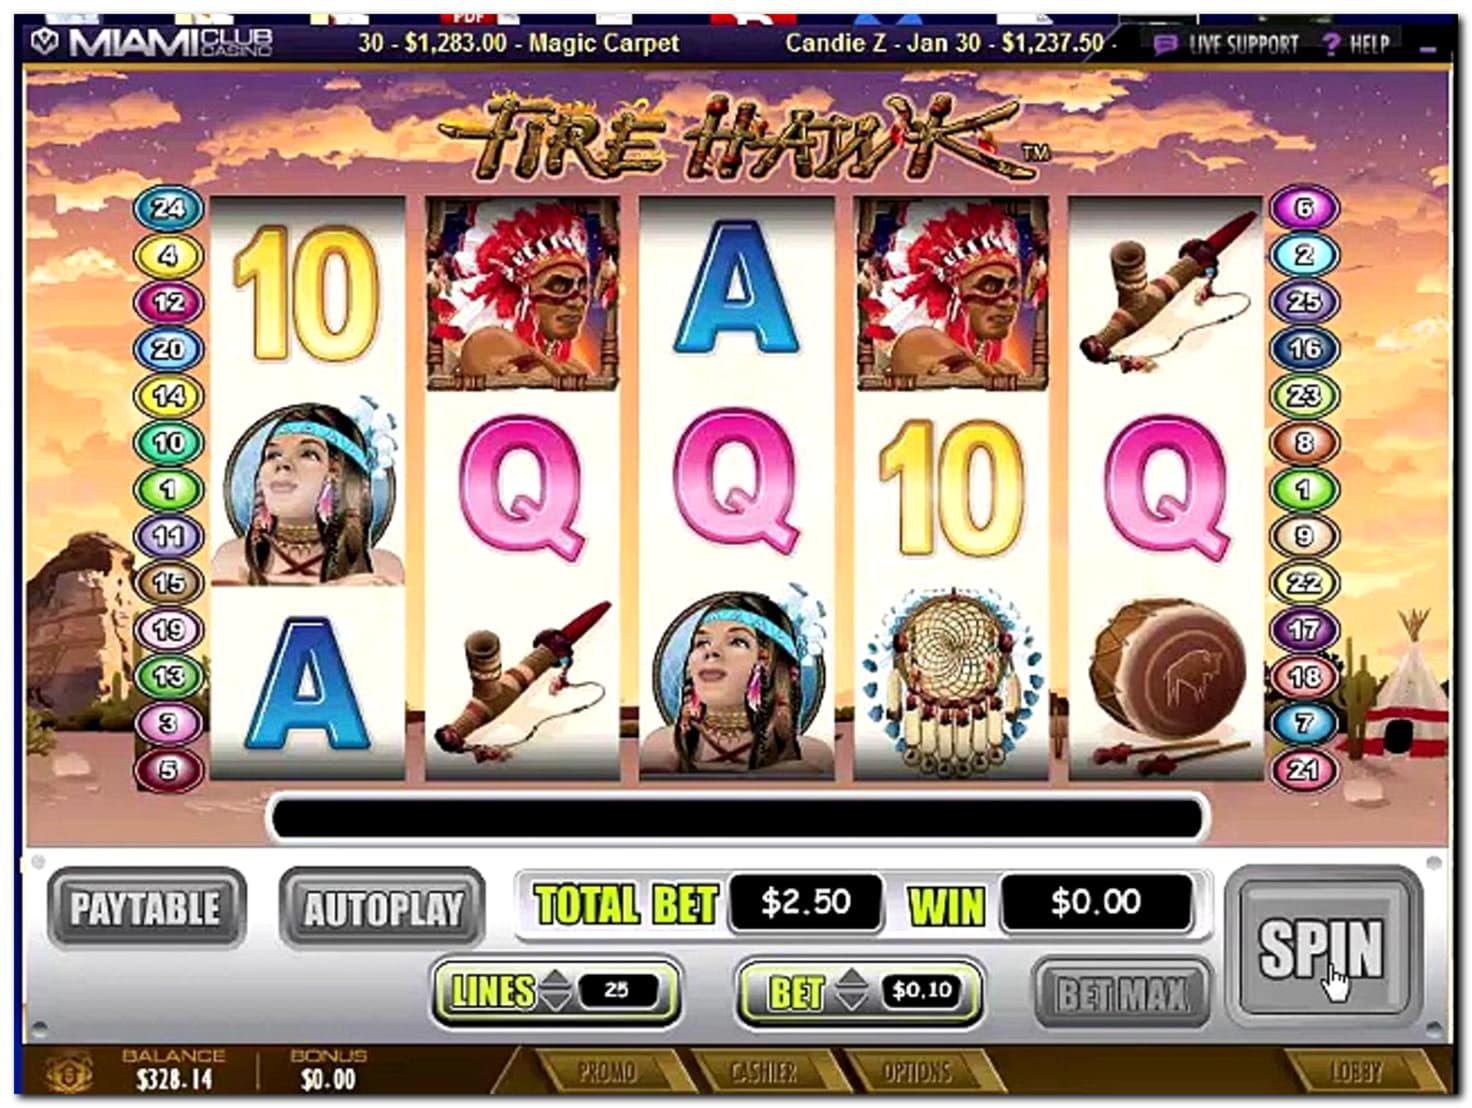 bWin Casino의 € 810 온라인 카지노 토너먼트